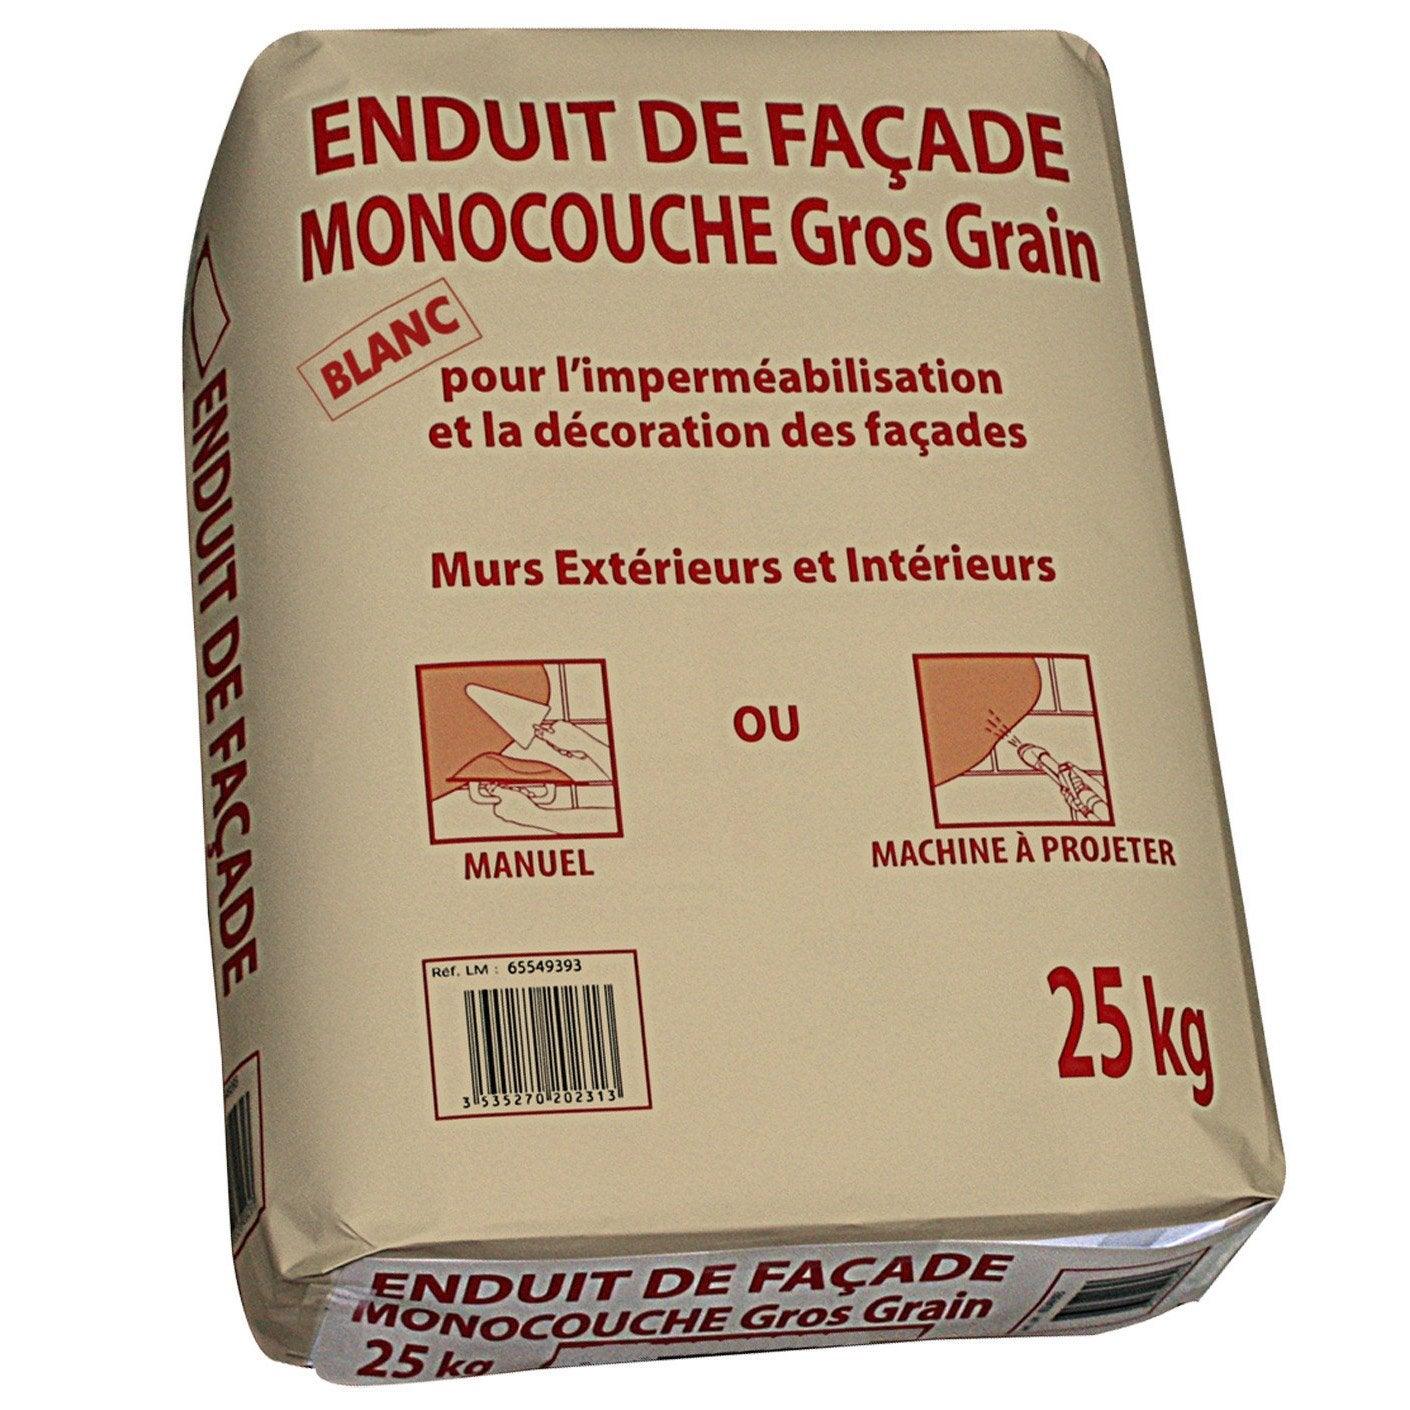 Enduit monocouche blanc prb 25 kg leroy merlin for Type d enduit exterieur